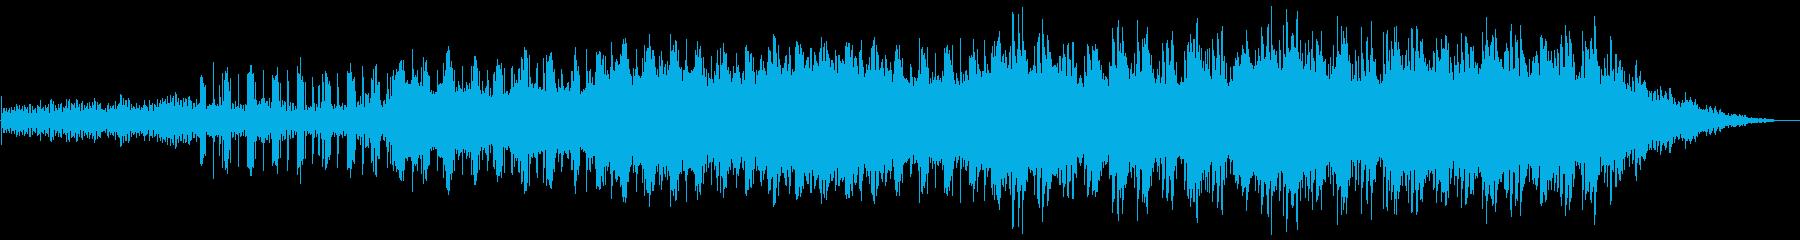 重厚感のあるエレクトロ3の再生済みの波形